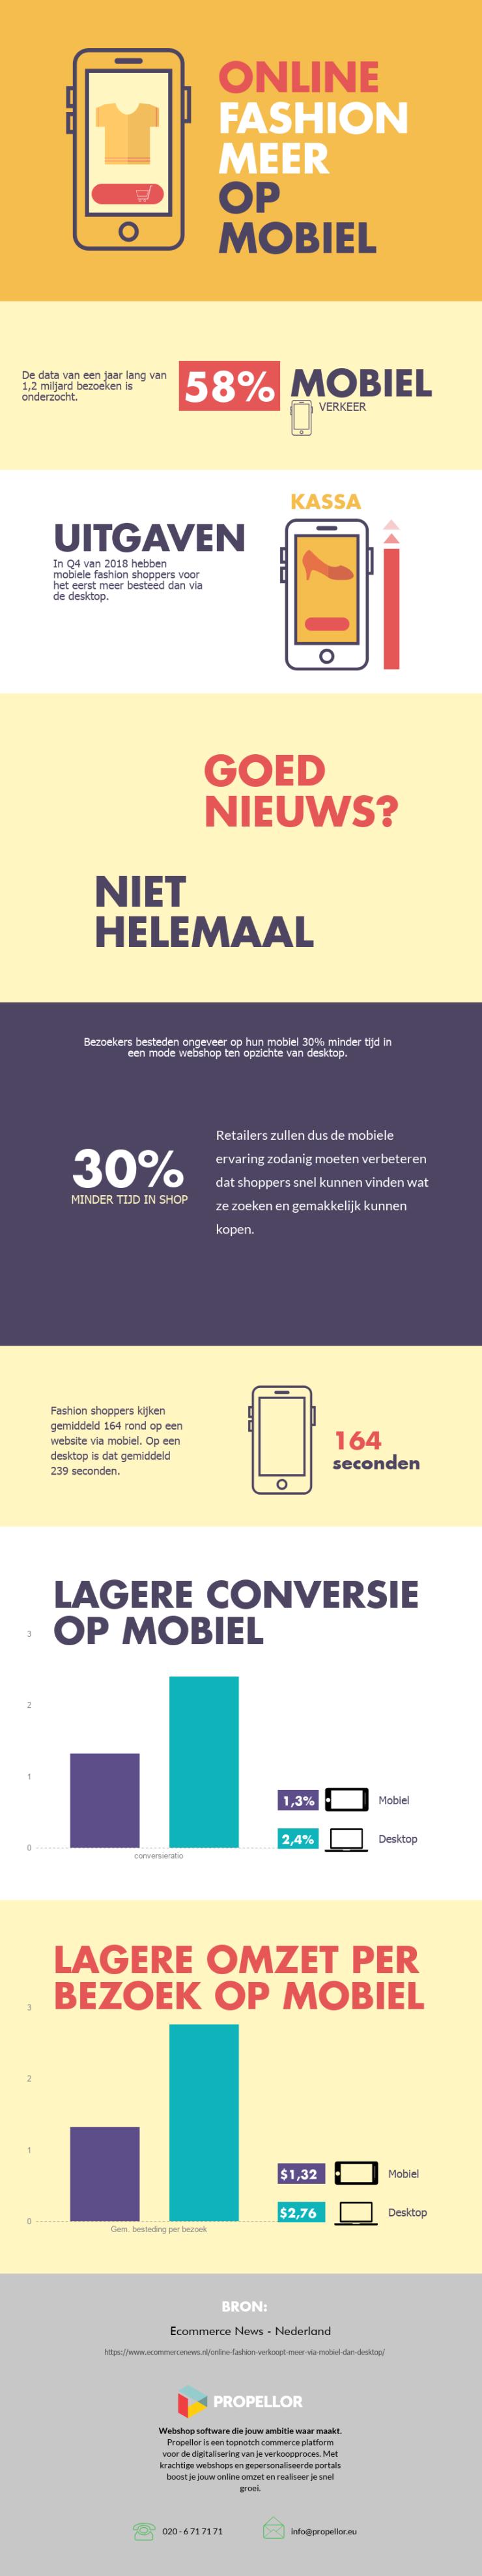 Online fashion verkoopt meer via mobiel dan desktop. Infographic van Propellor